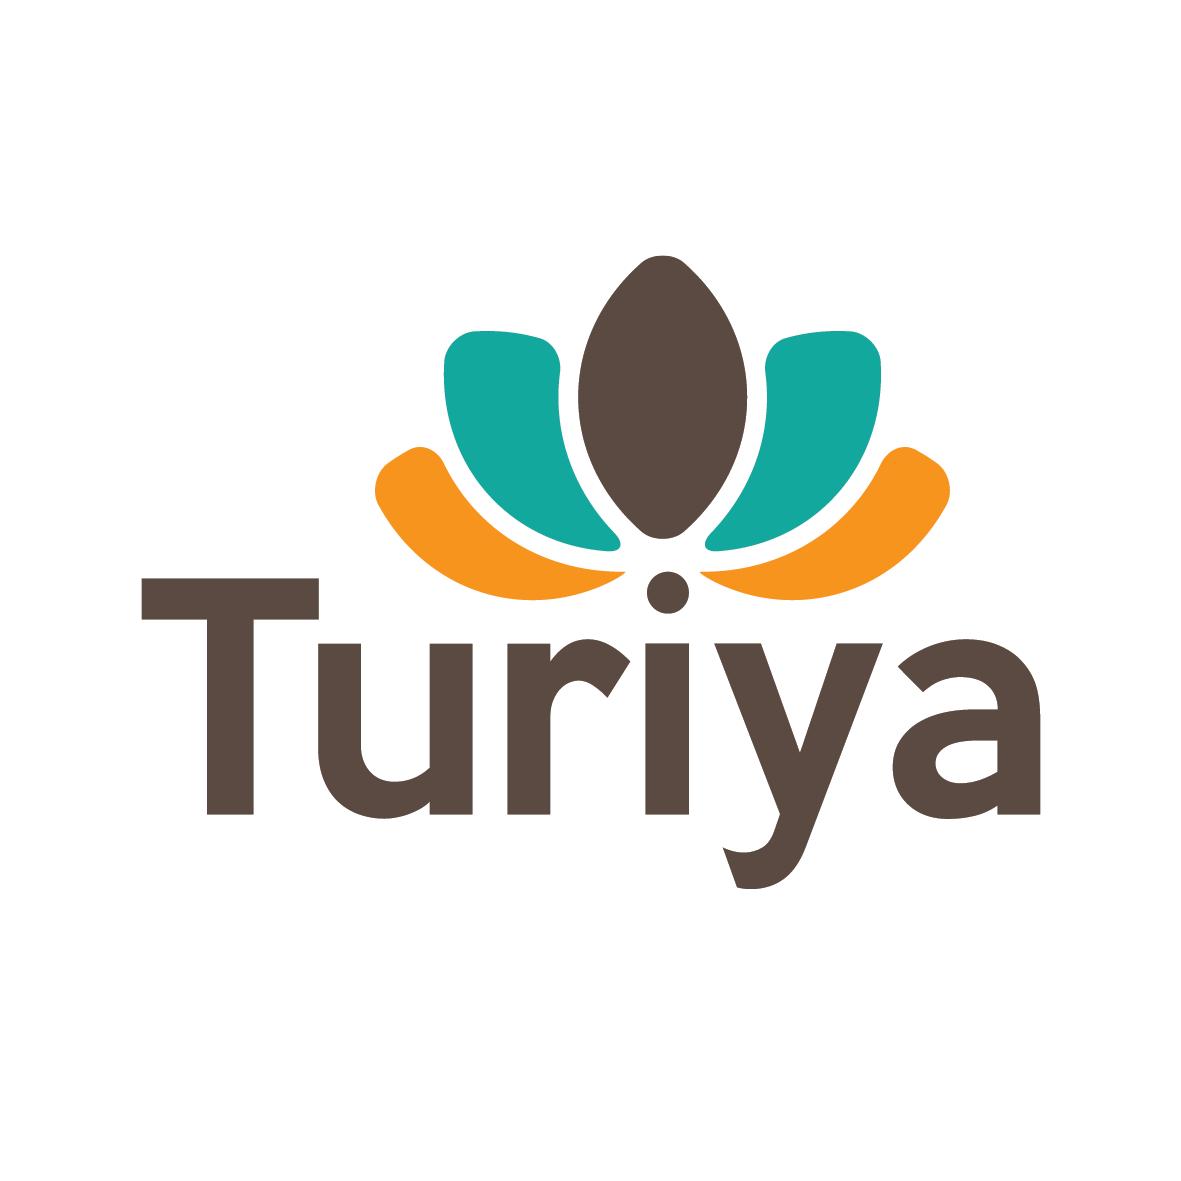 Turiya logo